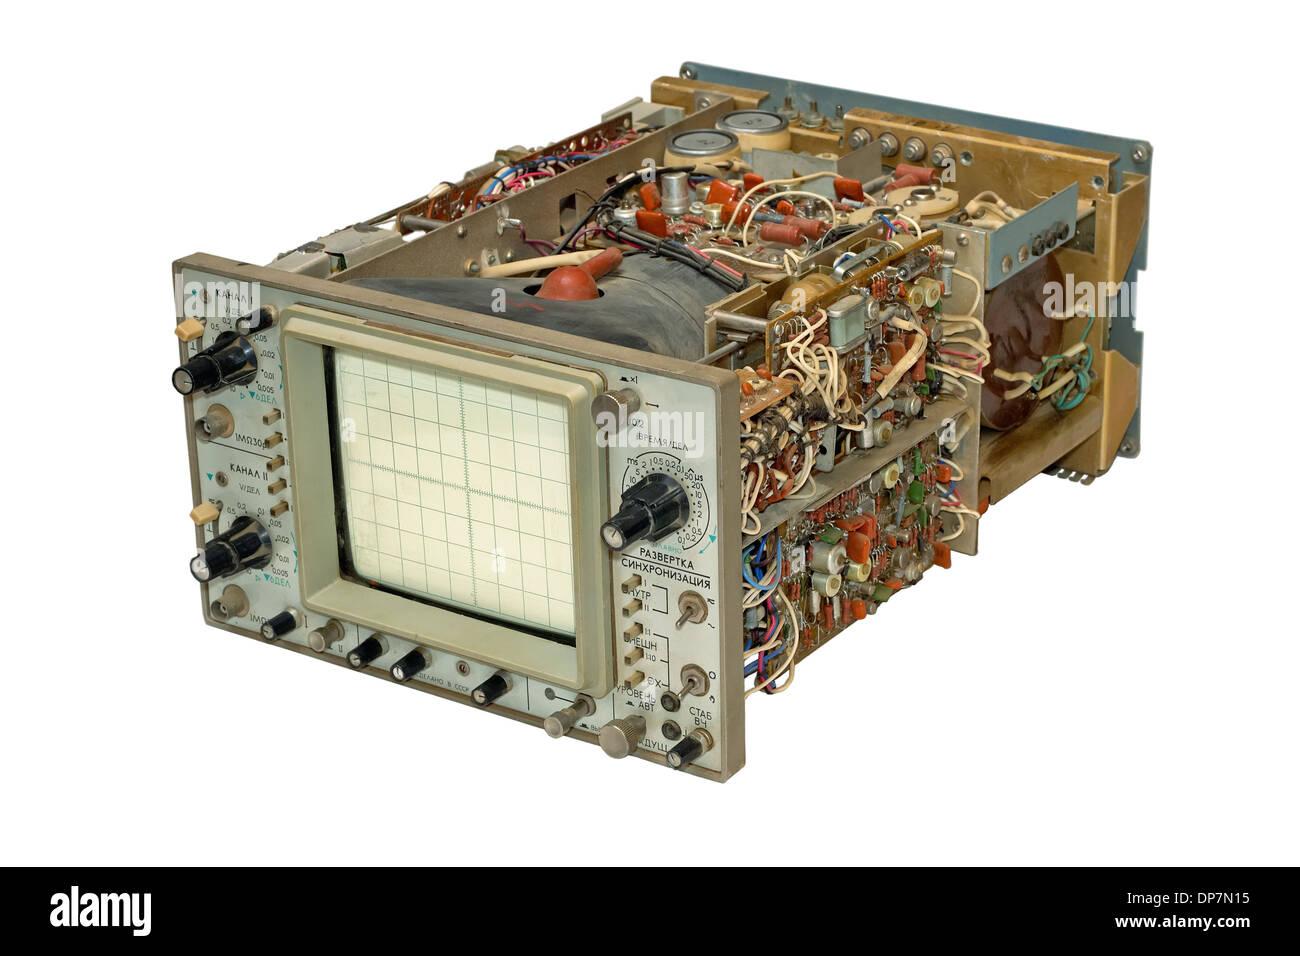 Oszilloskop, Messung, Ausrüstung, Gerät, elektrische, Objekte, Knopf ...